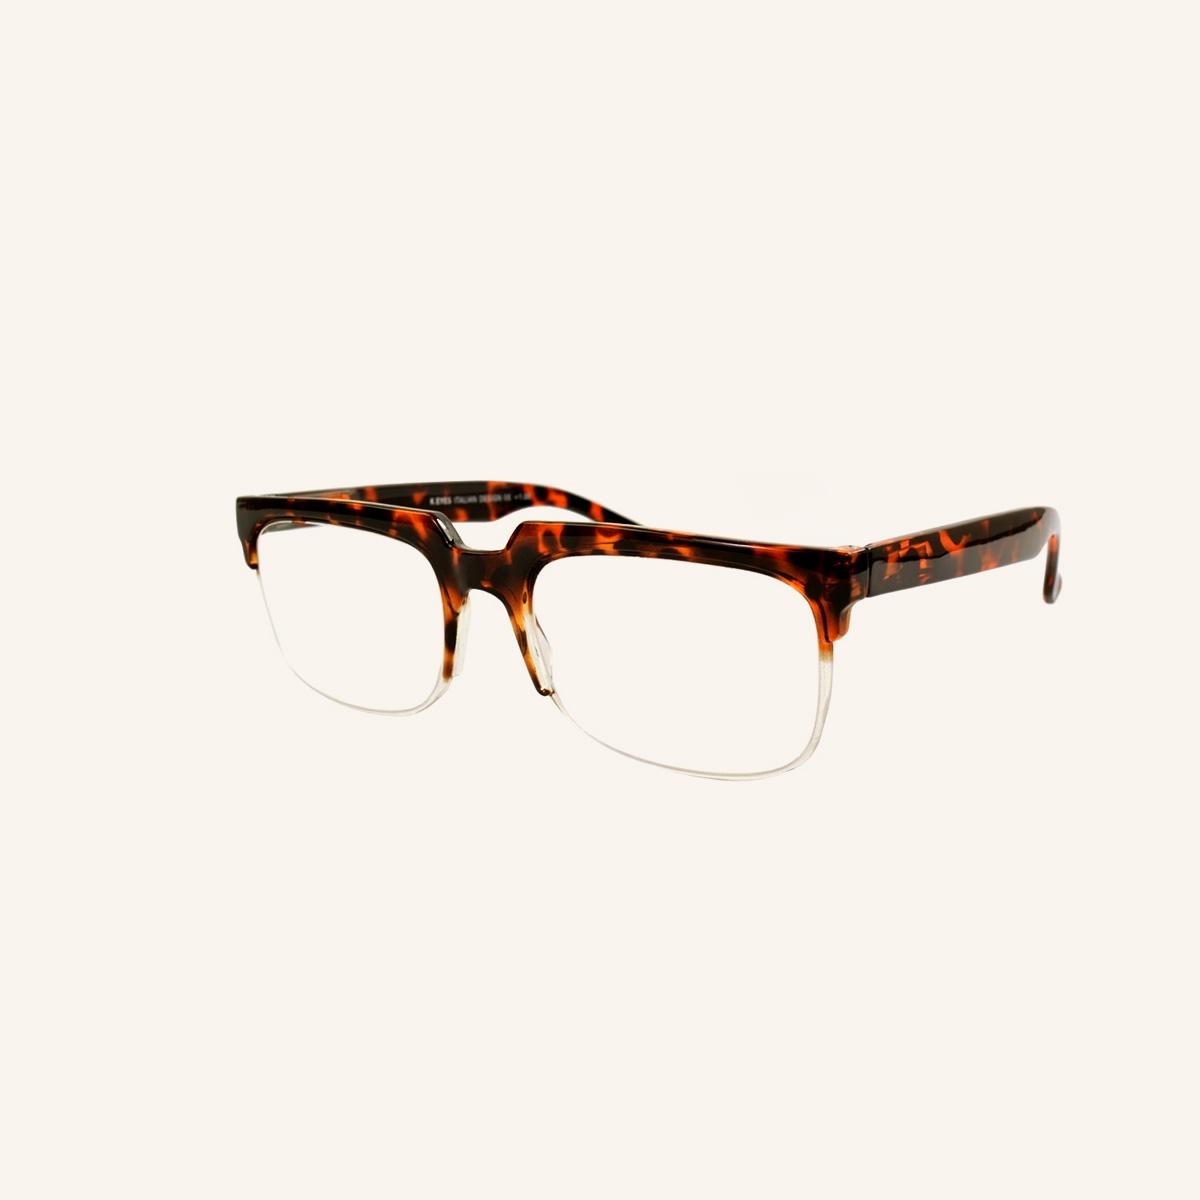 Retro eyebrow reading glasses